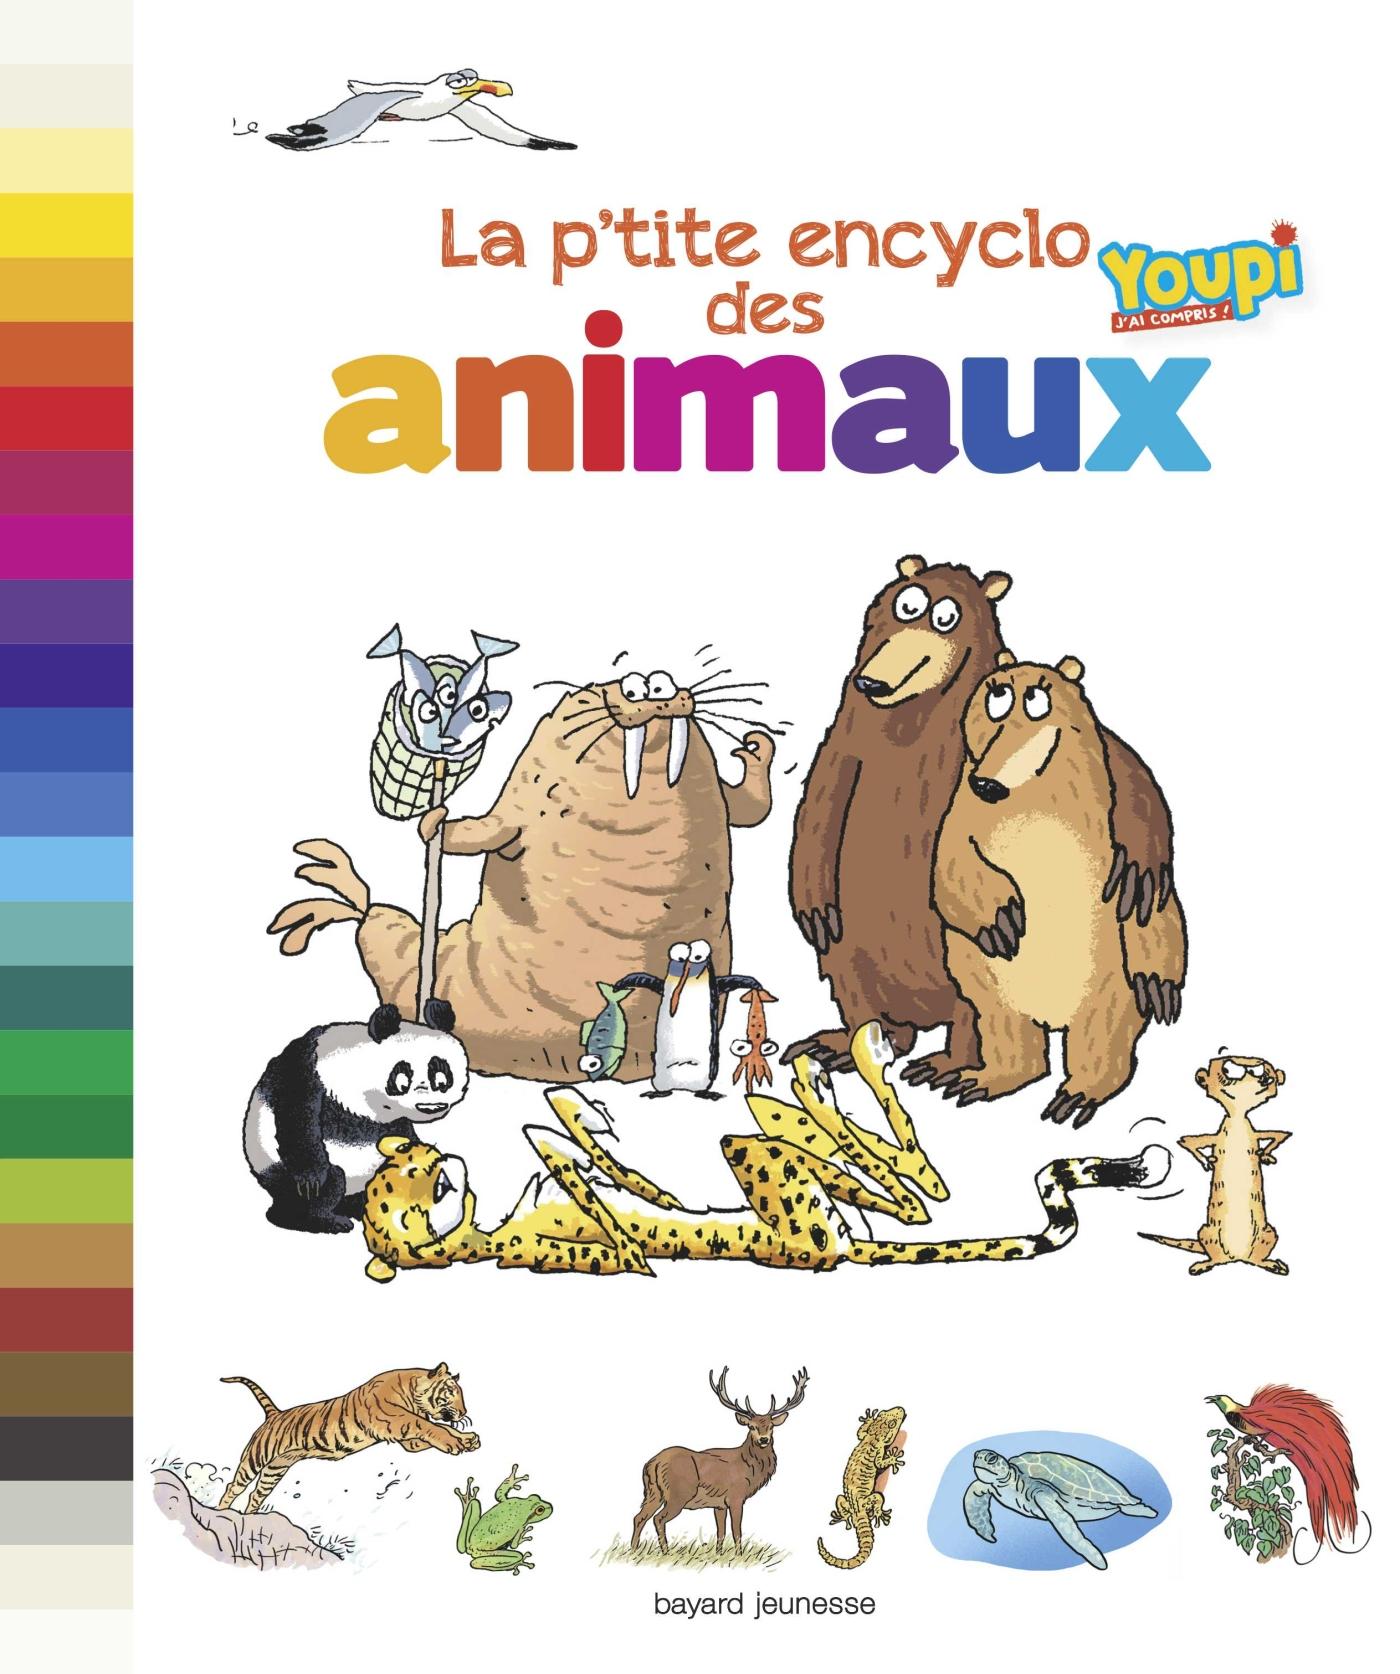 La p'tite encyclo des animaux | Chanut, Emmanuel. Auteur